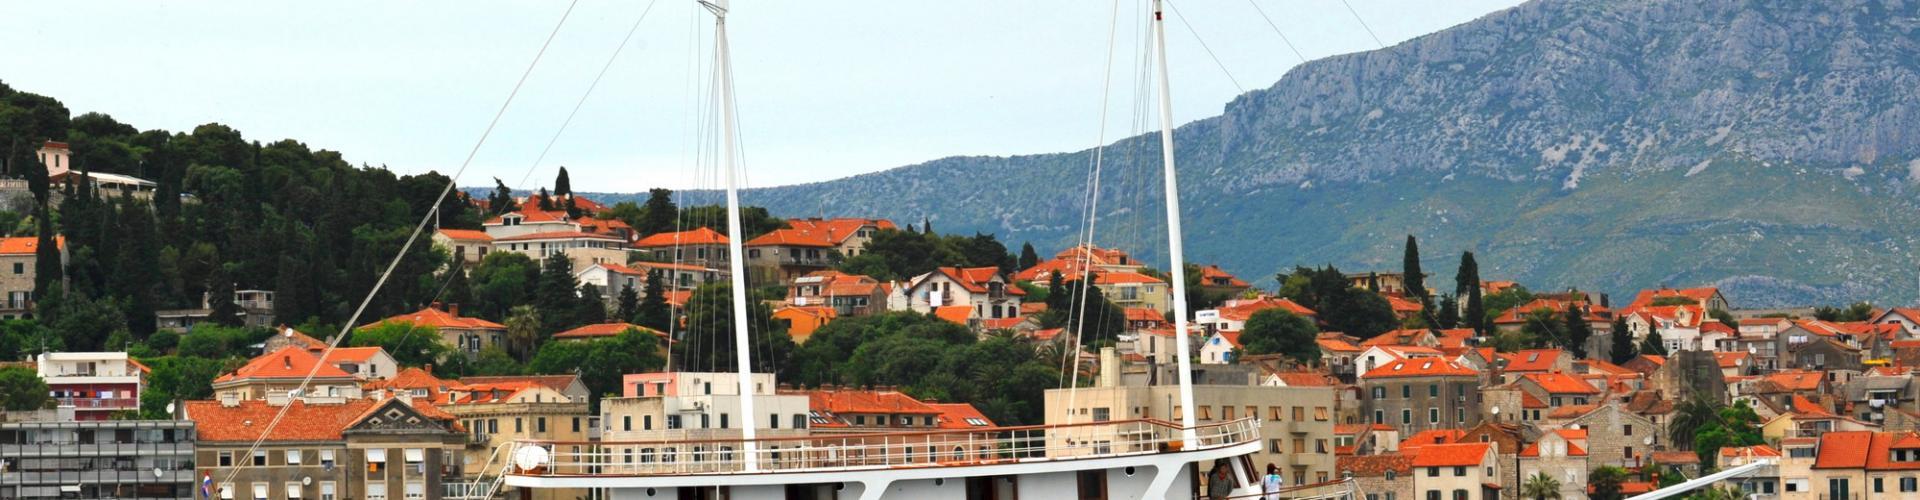 2011. Premium cruiser MV Dionis